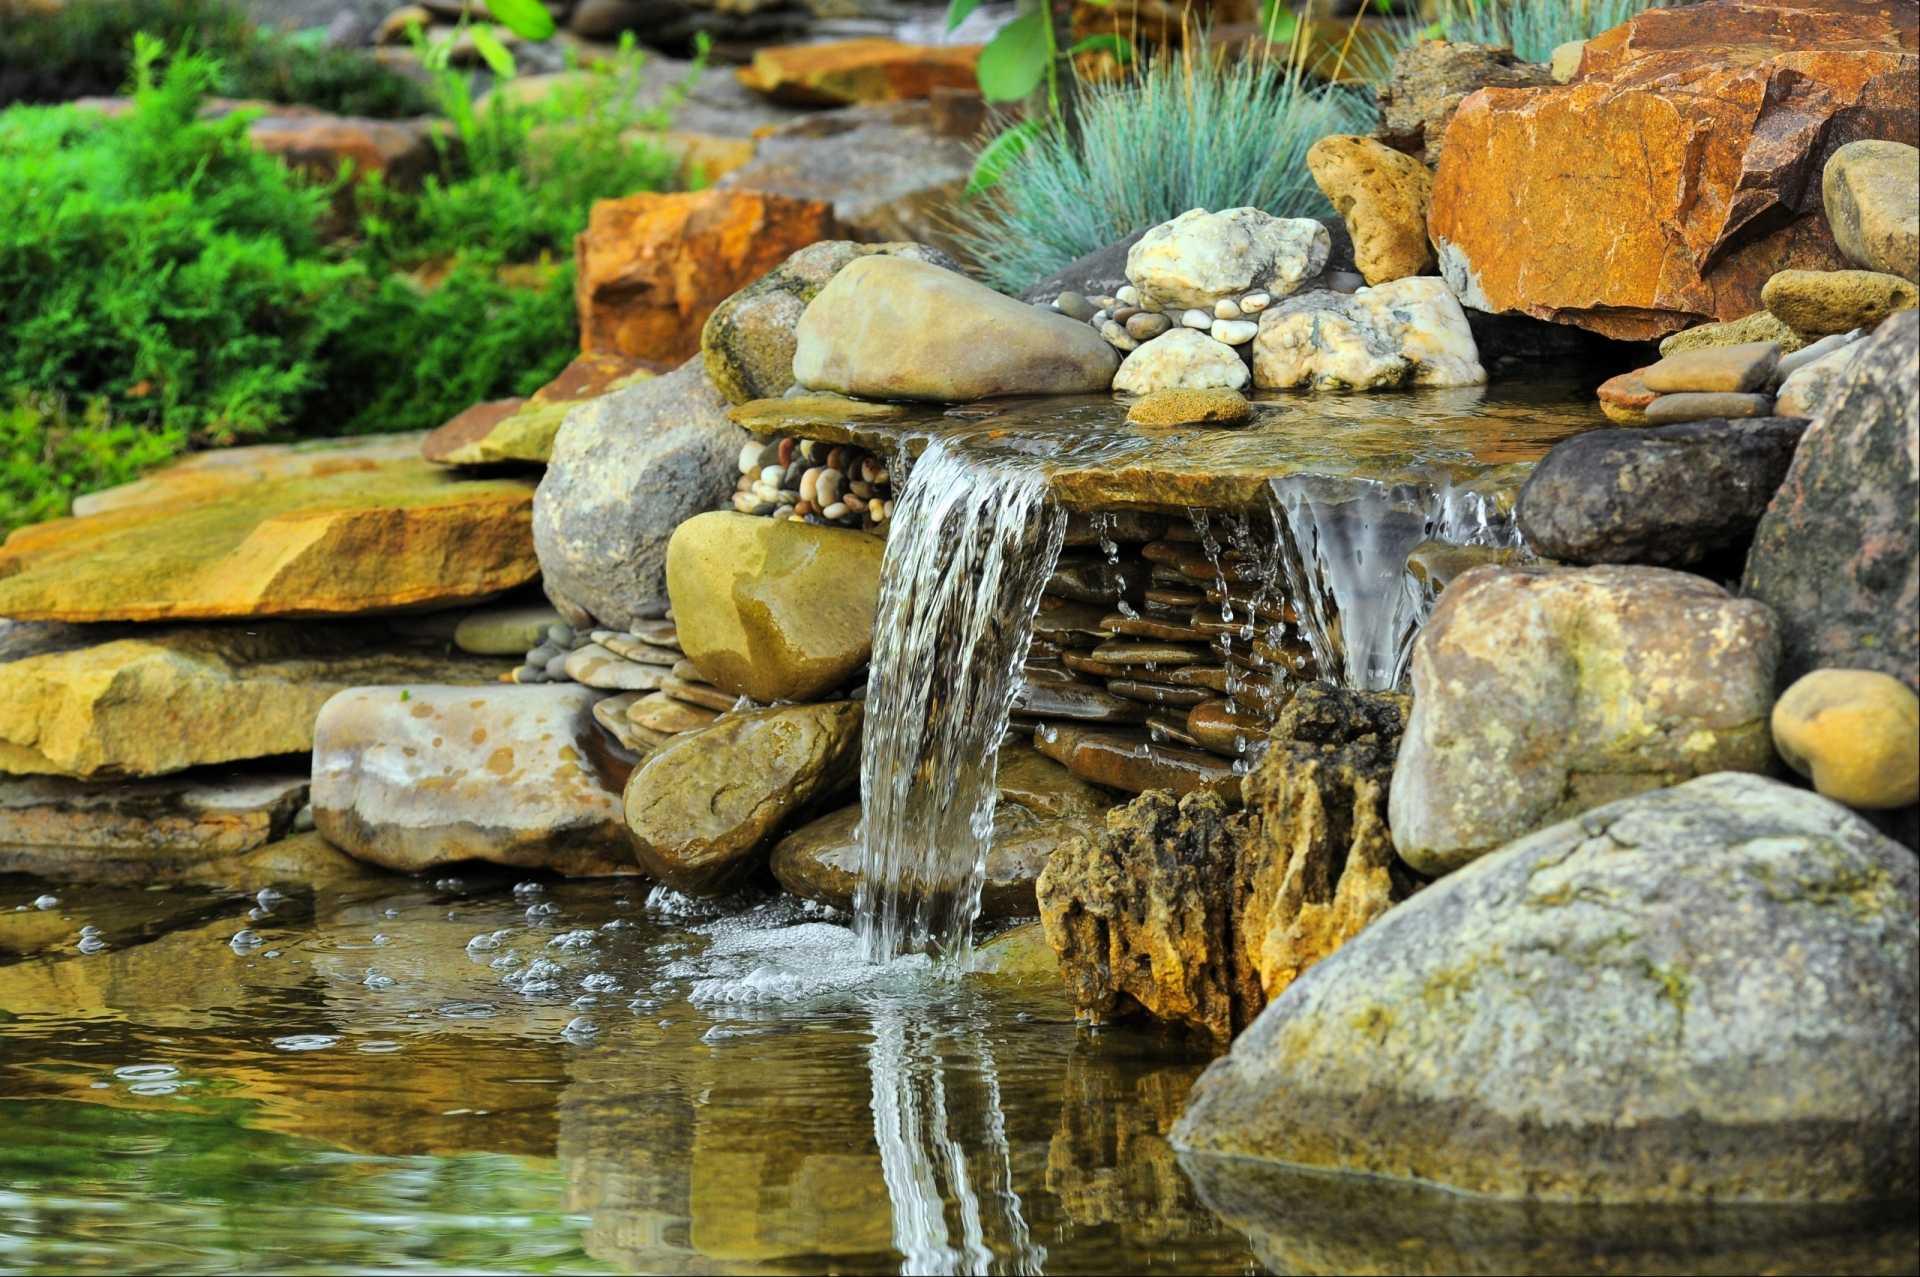 Wasserfall für den Garten: 3 dekorative Wasserspiele im Produktvergleich